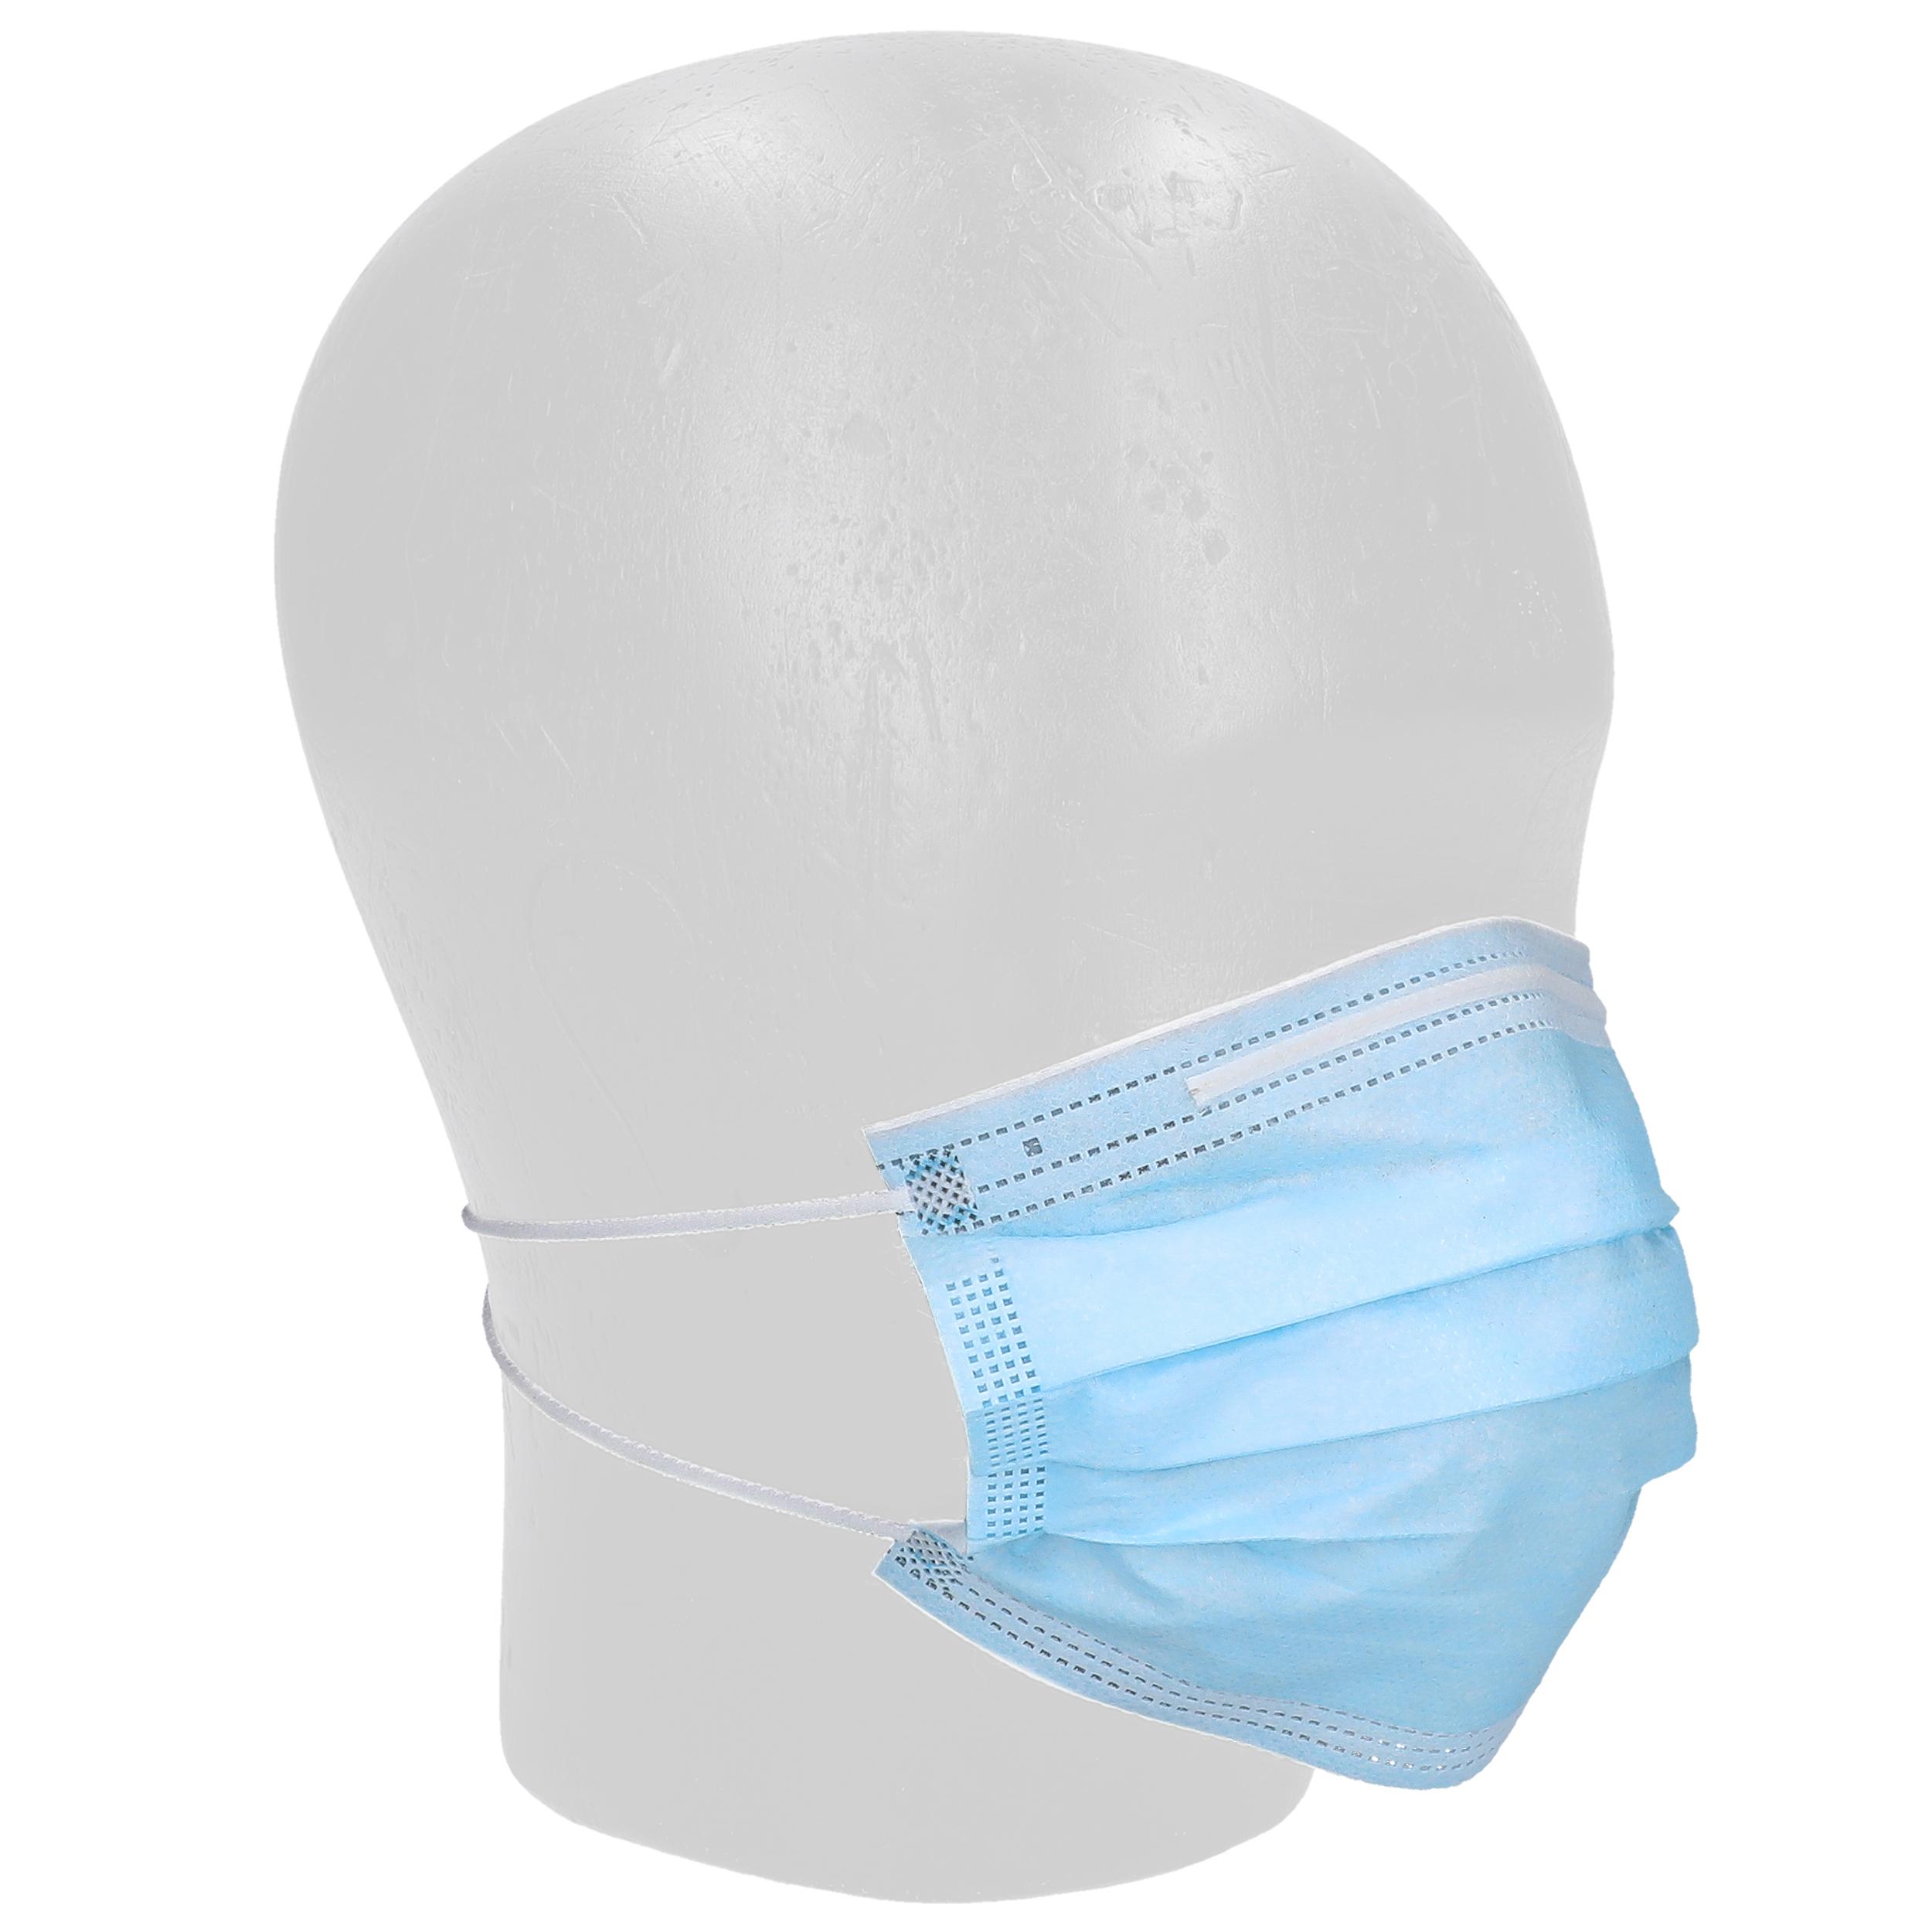 Indexbild 158 - Kinder Schlauchschal Maske Gesichtsmaske Mund Nase Bedeckung Halstuch waschbar